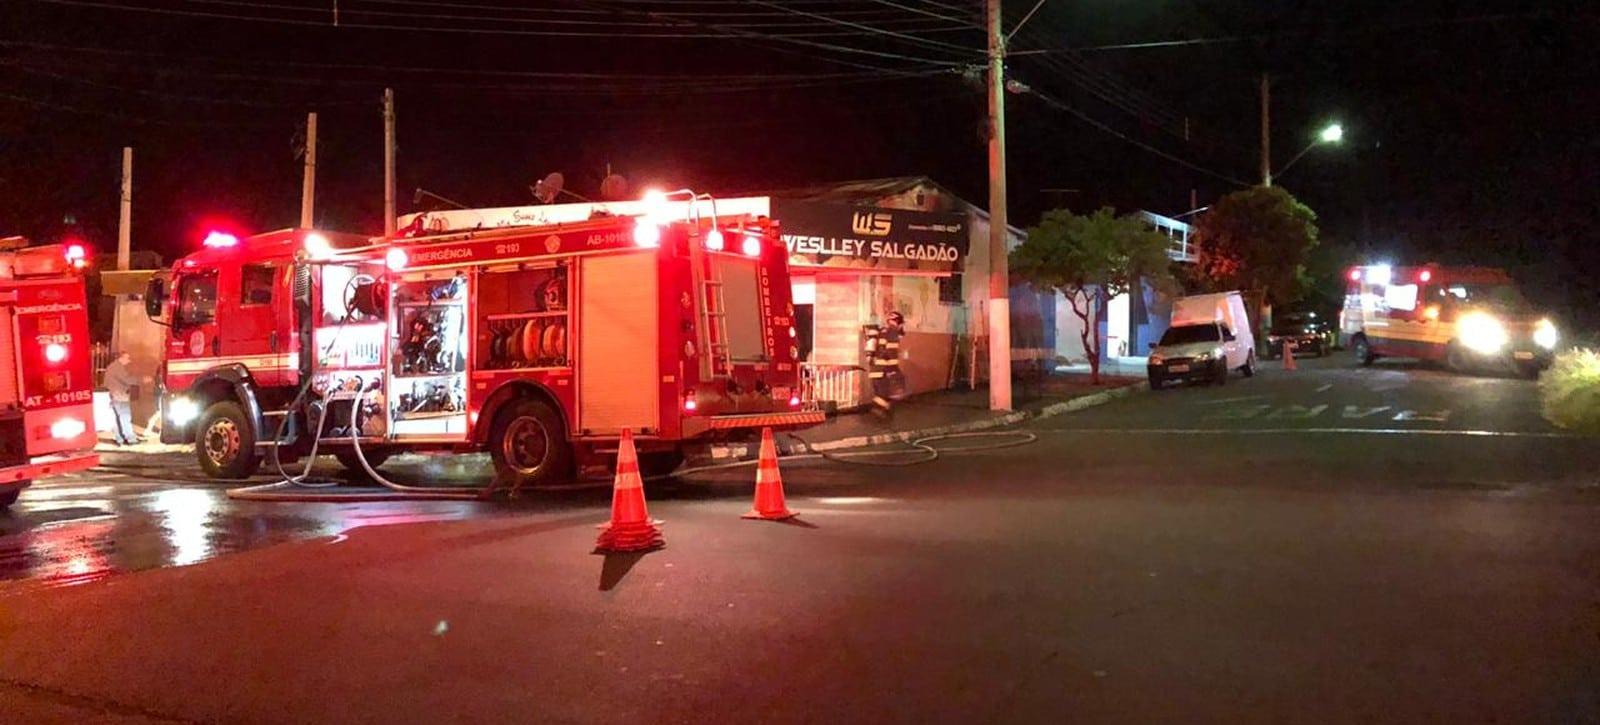 Incêndio destruiu grande parte de uma lanchonete na zona Norte de Marília (SP) — Foto: Marília Notícia/Divulgação